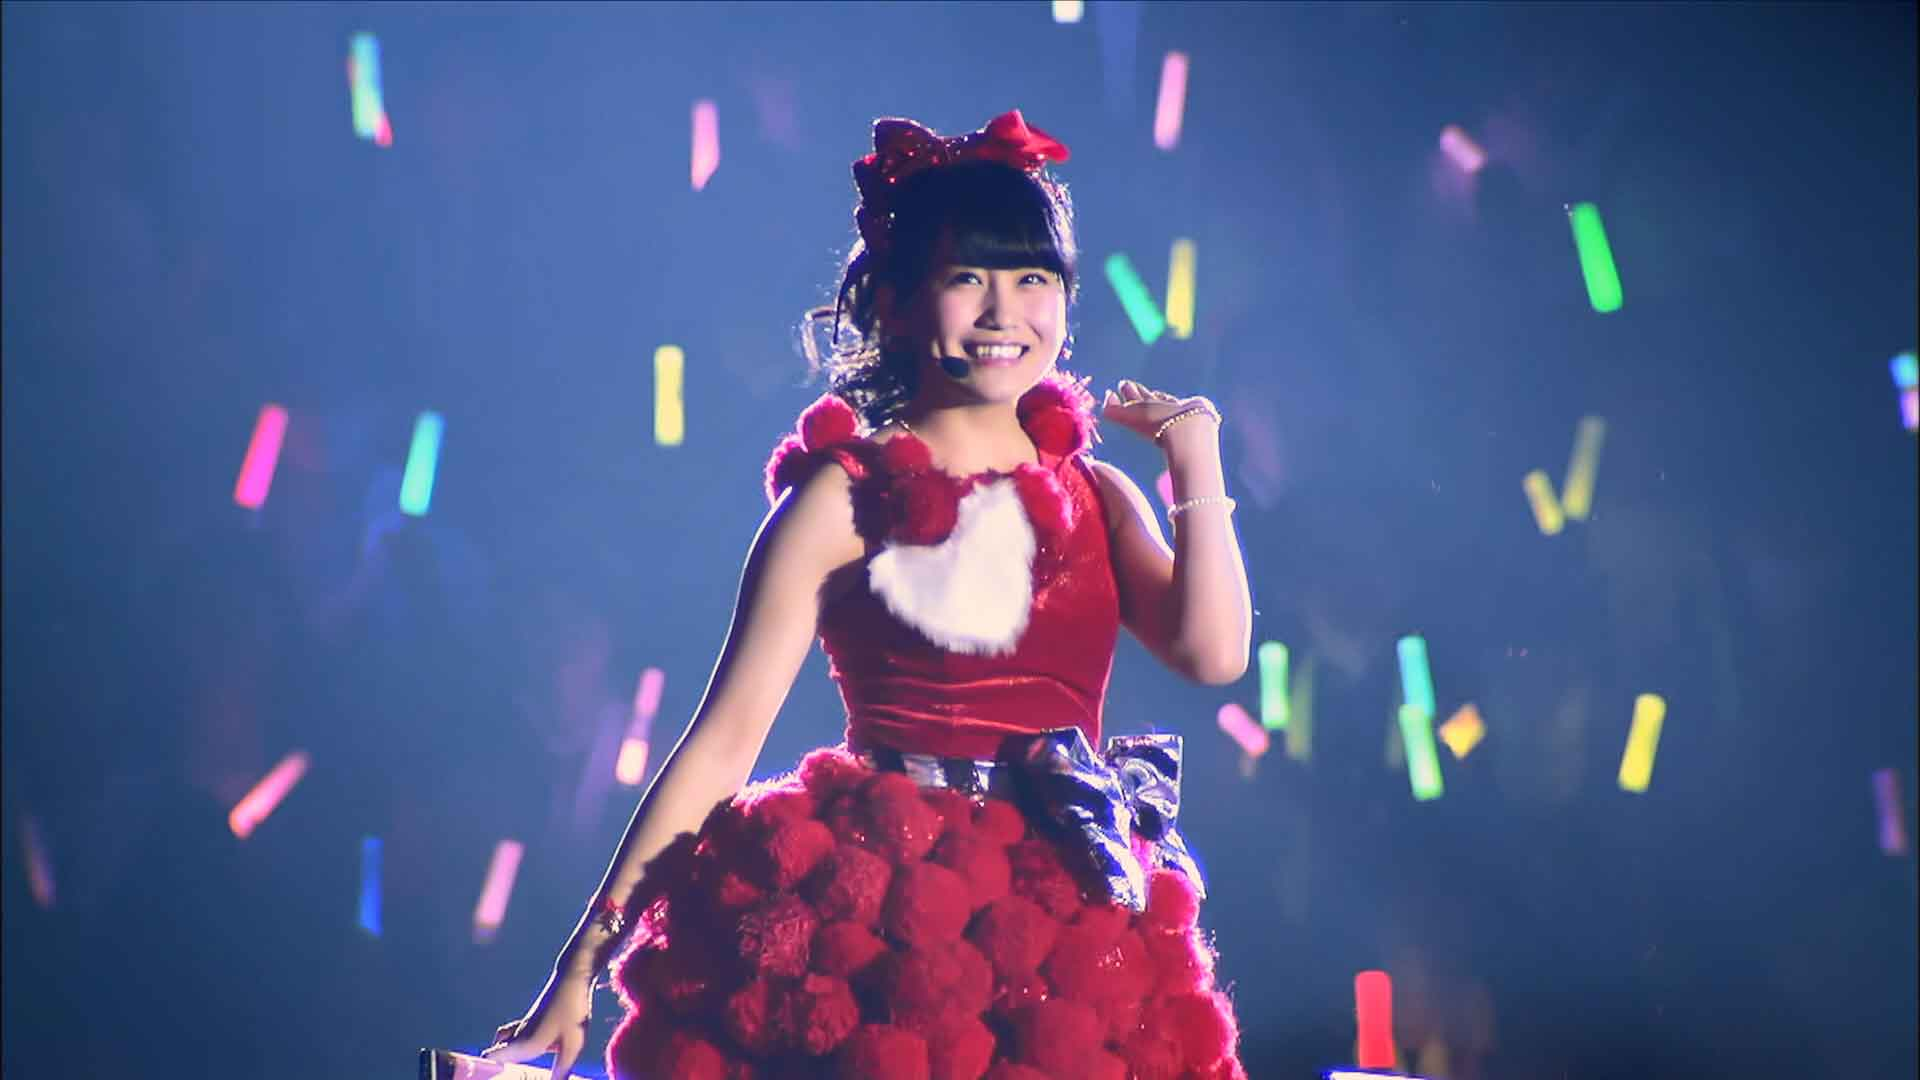 [蓝光原盘] AKB48 2015年春季巡回演唱会AKB48ヤングメンバー全国ツアー/春の単独コンサート《BDMV4碟 120G》